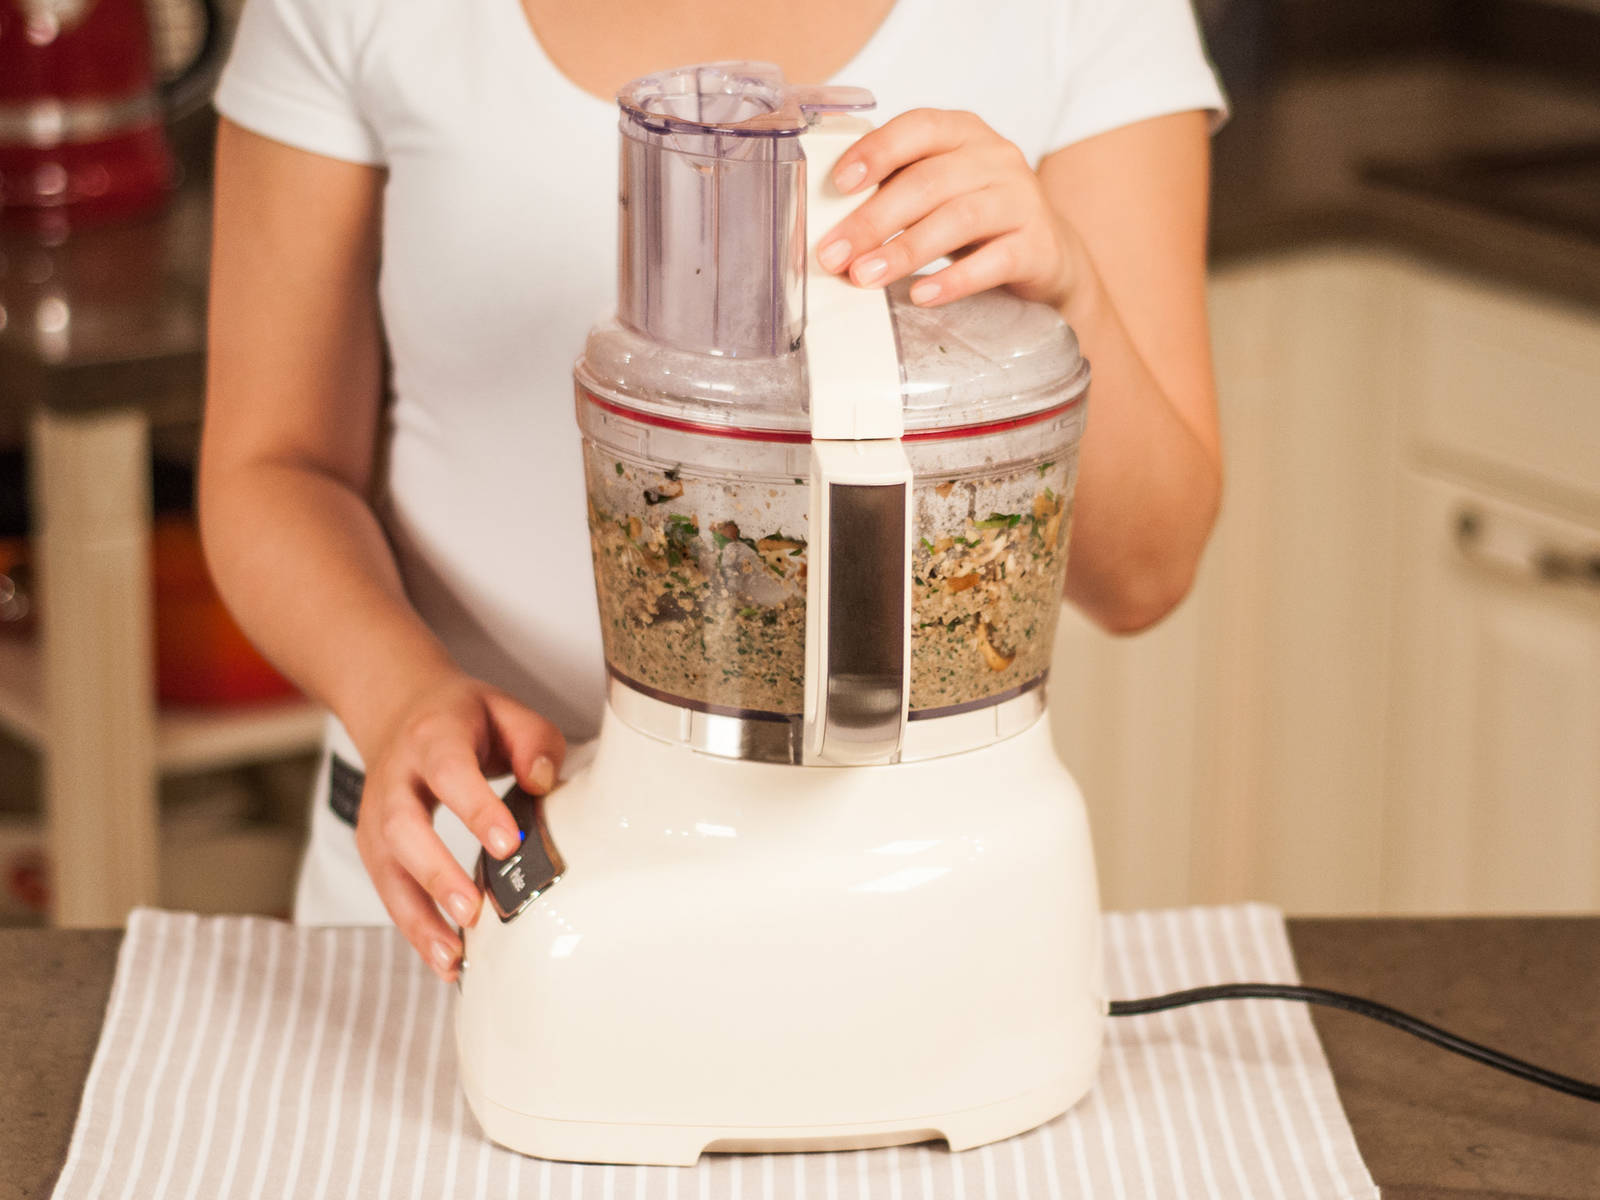 将蘑菇混合物放入食品加工机搅打成泥。